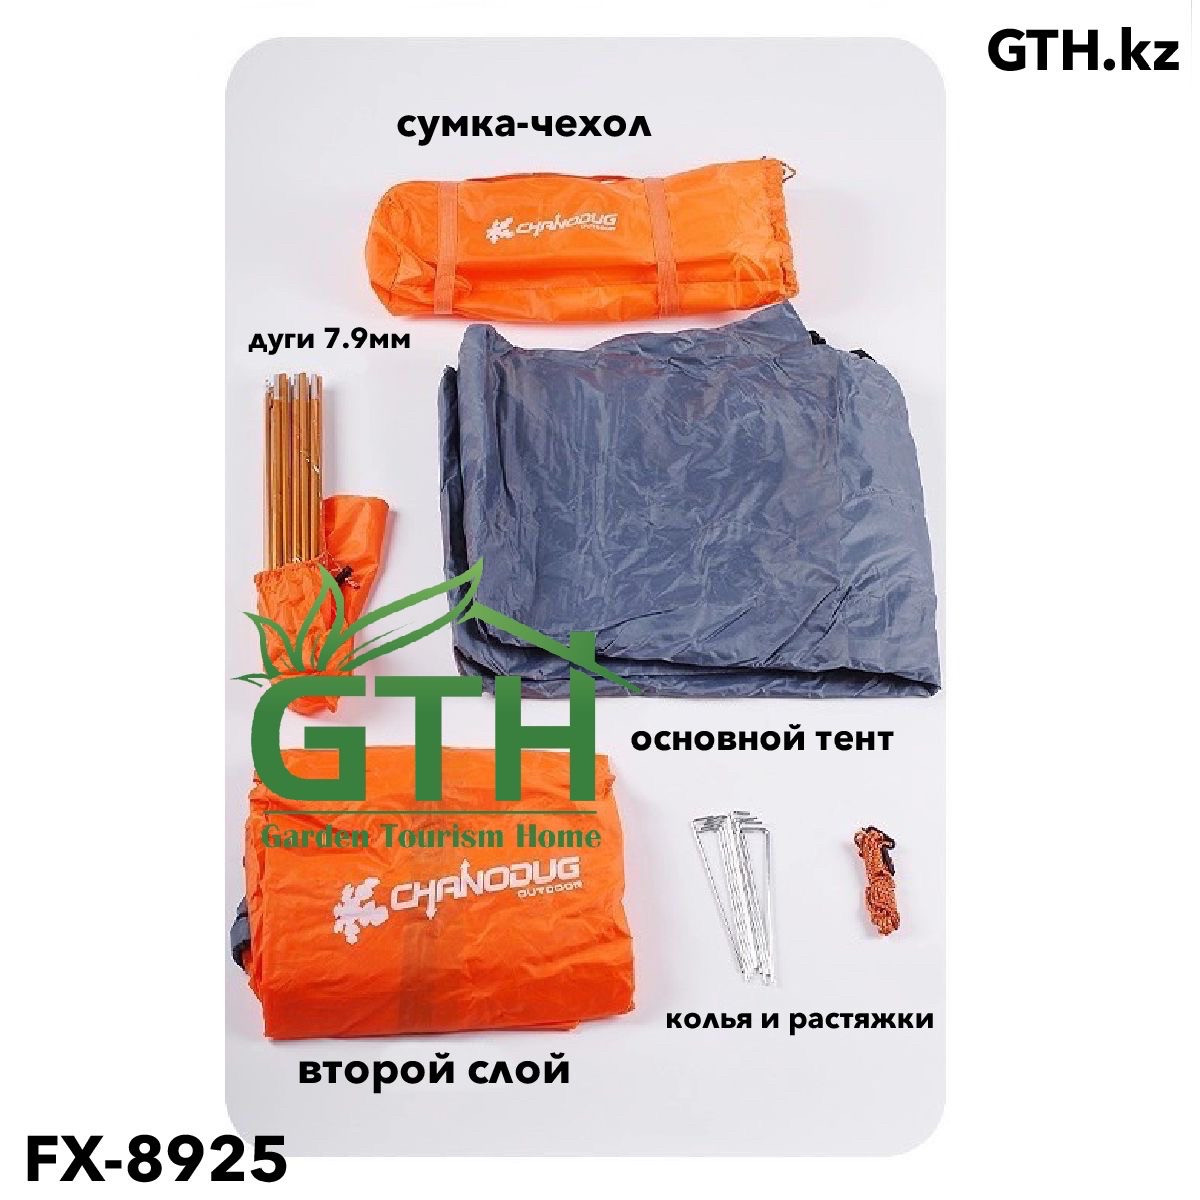 Горные палатки Chanodug FX-8935. Двухместные, двухслойные. Доставка. - фото 5